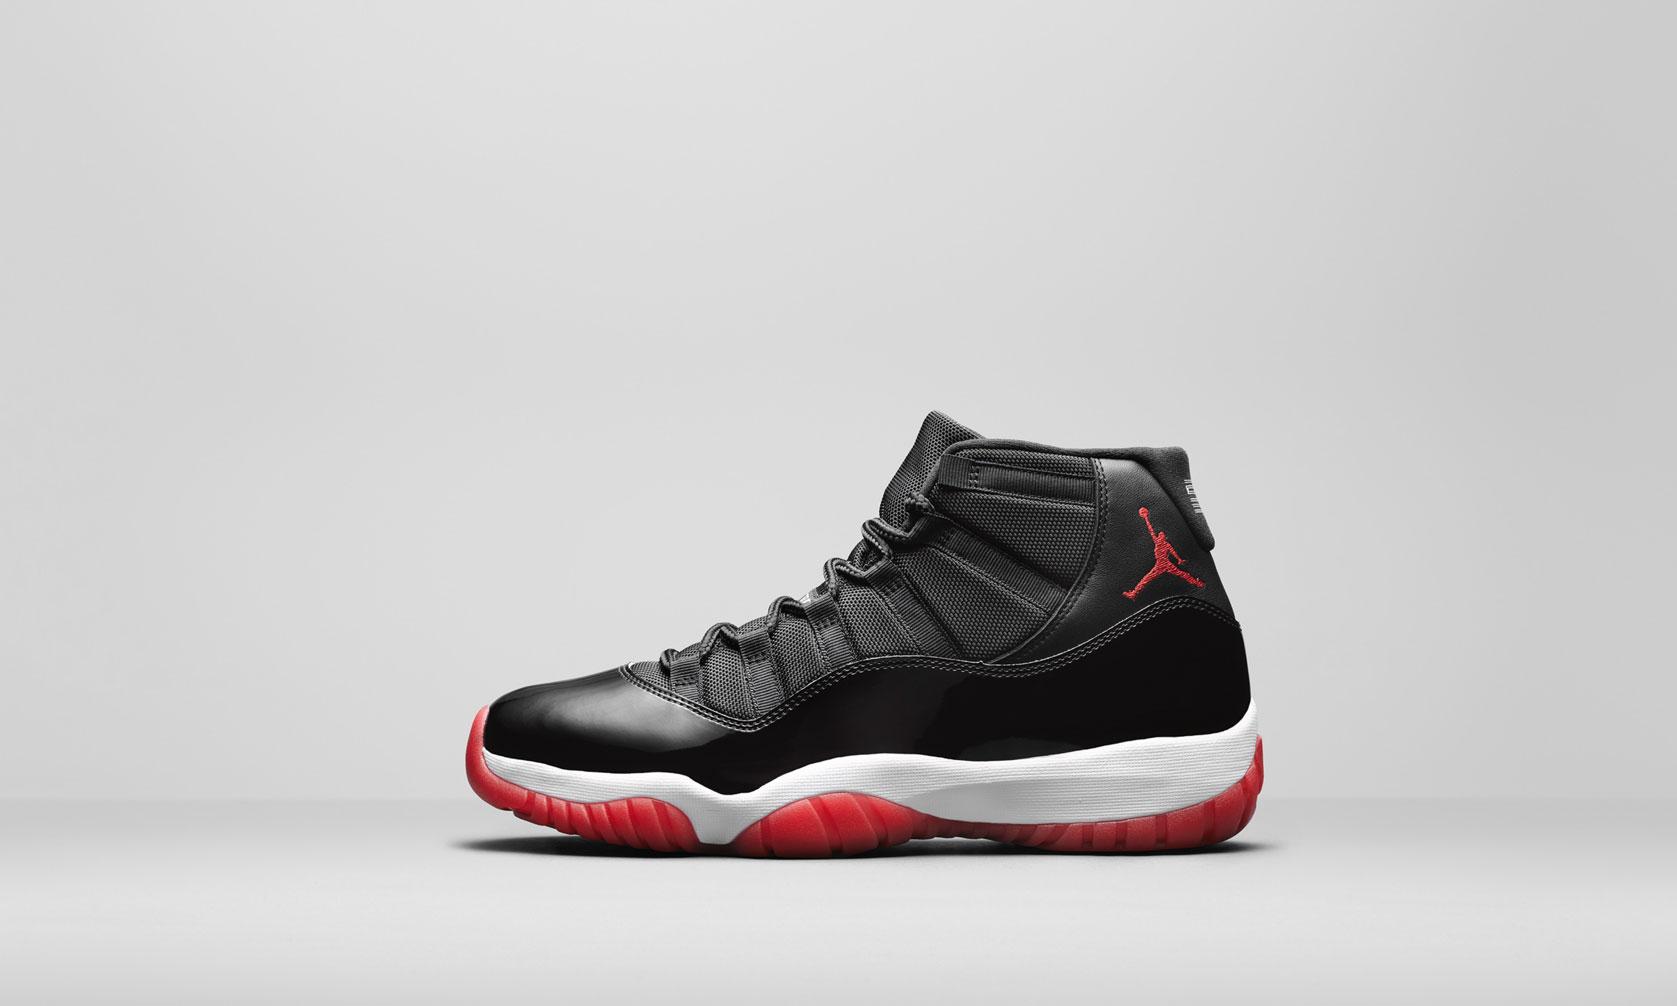 年度重磅鞋款,黑红 Air Jordan XI 经典重现